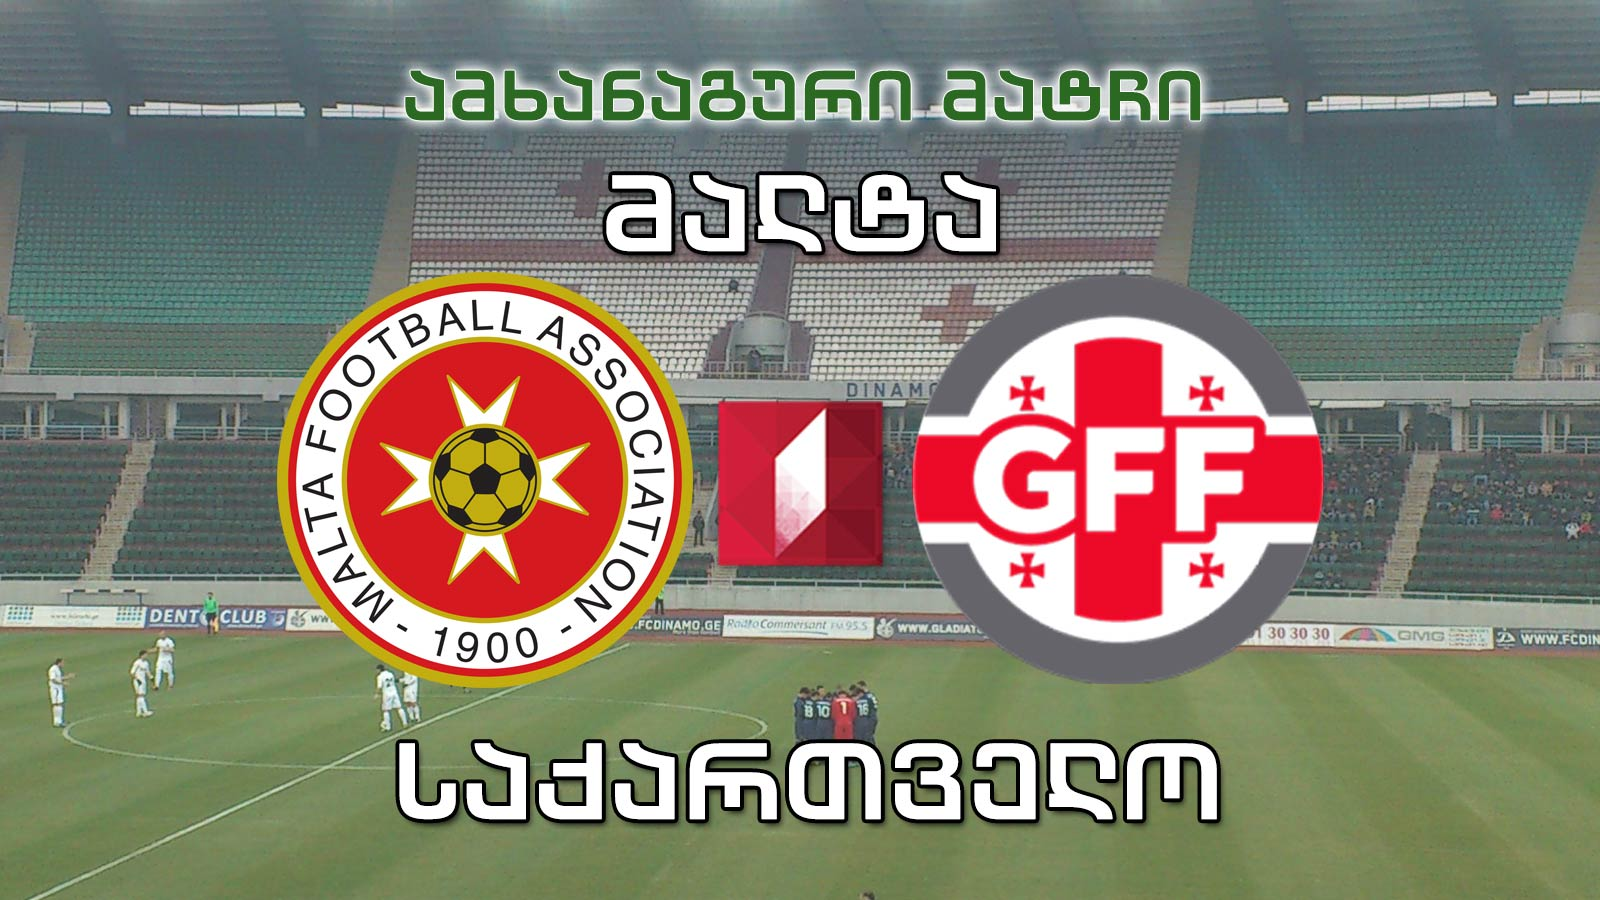 ფეხბურთი. მალტა - საქართველო / Football. Malta vs Georgia #LIVE